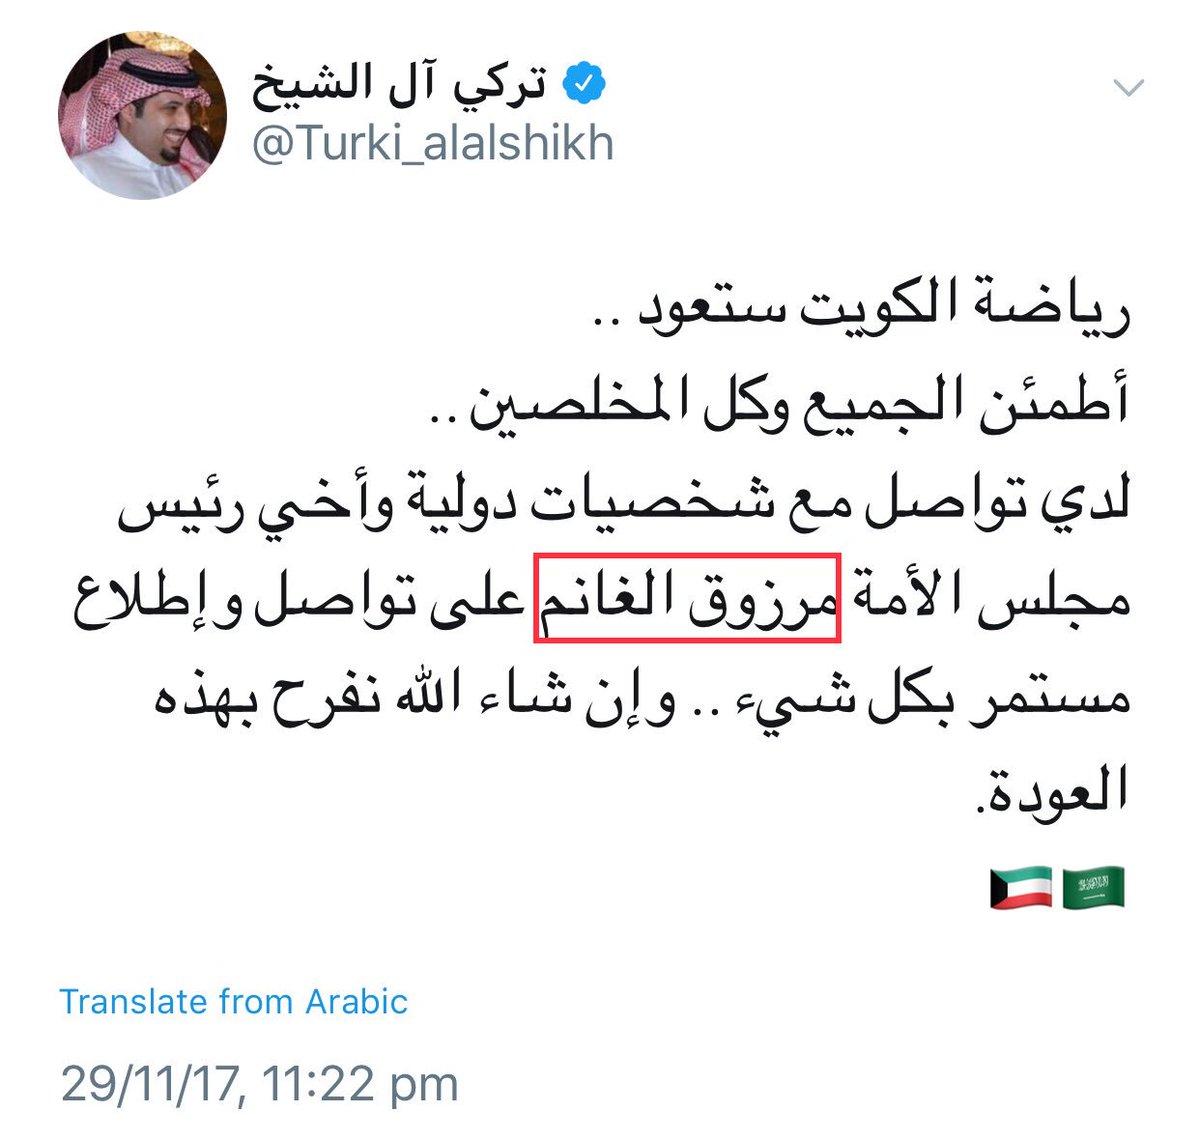 يا رب رحمتك on Twitter: